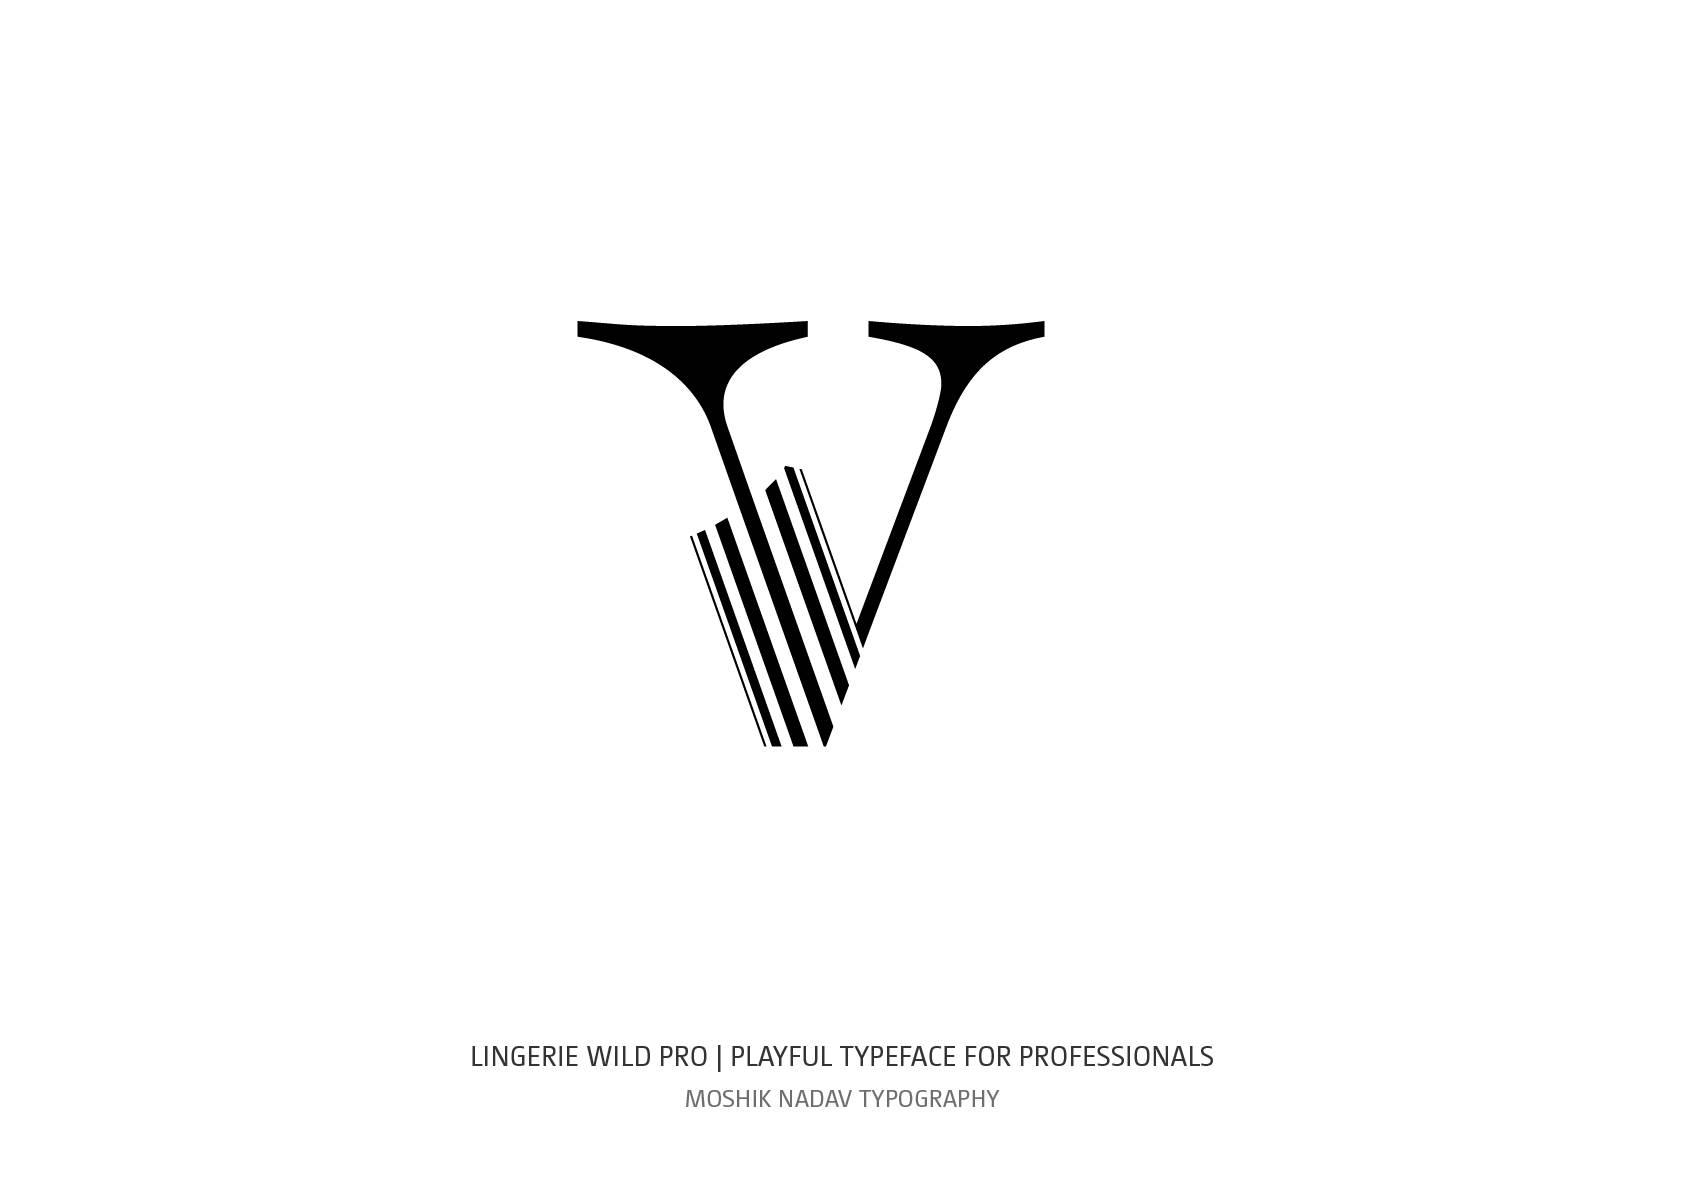 Lingerie Wild Pro Typeface lowercase v by Moshik Nadav Typography